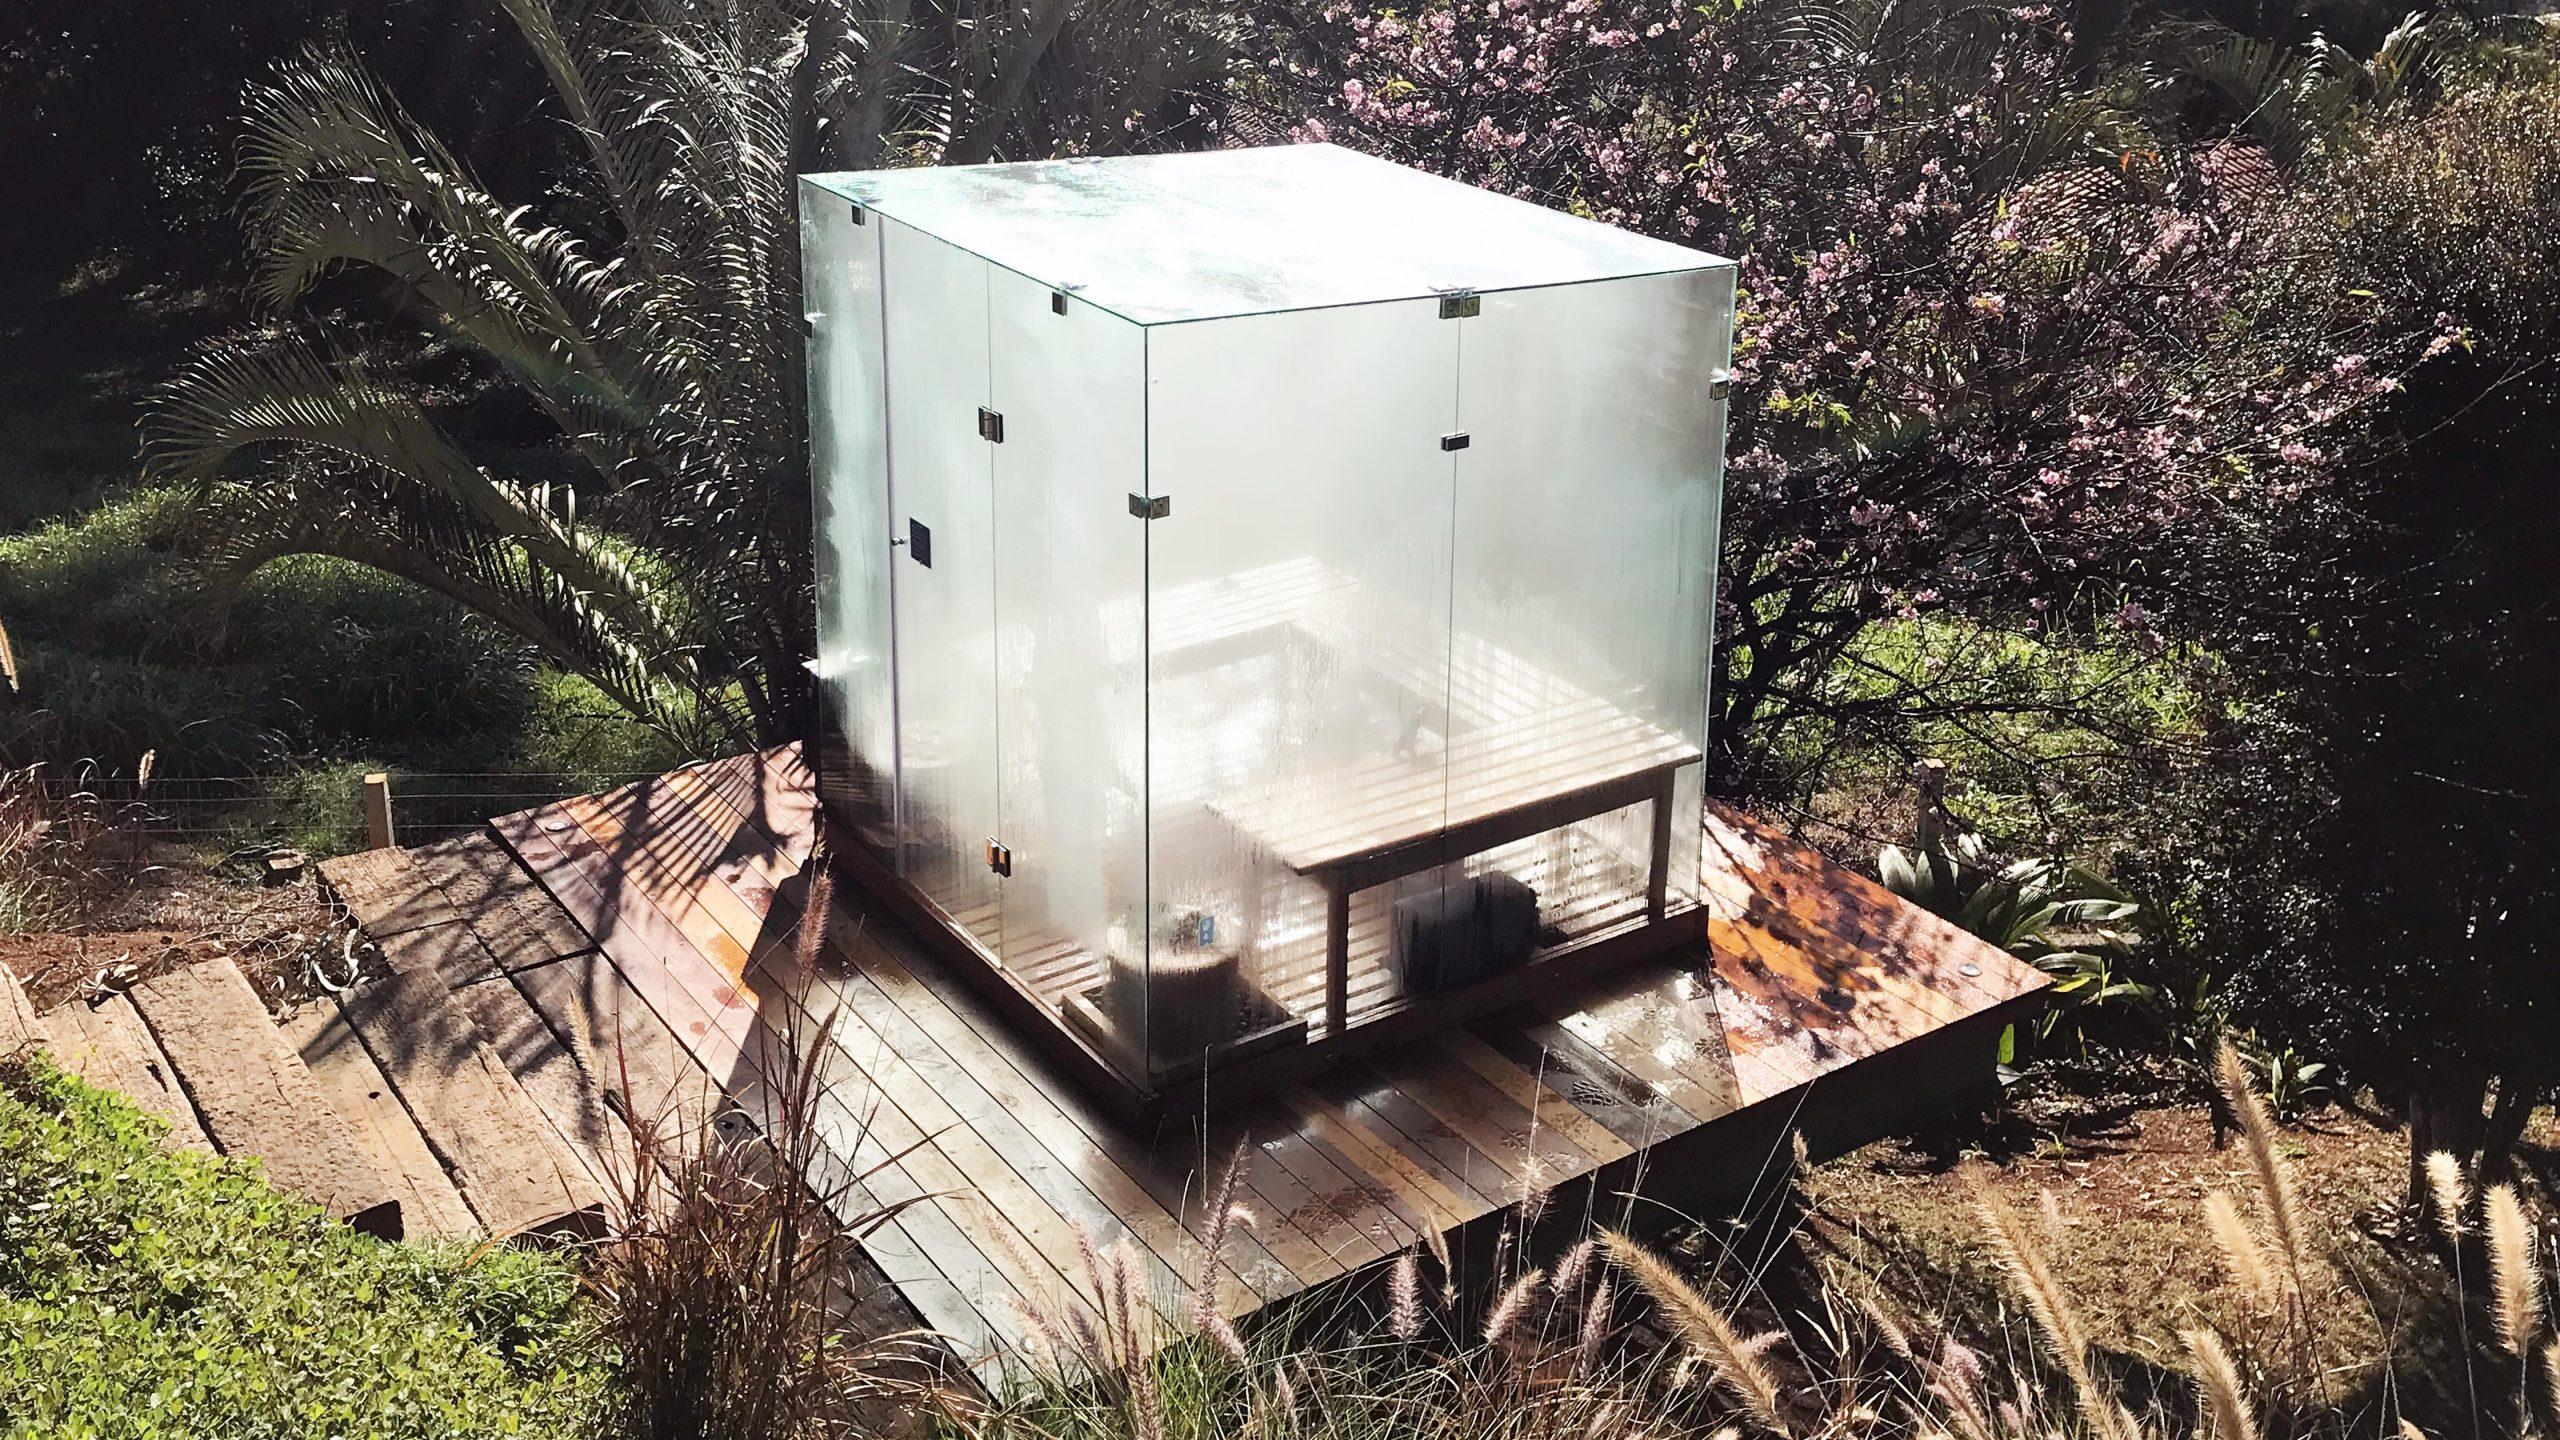 Sauna a vapor ou sauna seca? Qual a melhor opção?